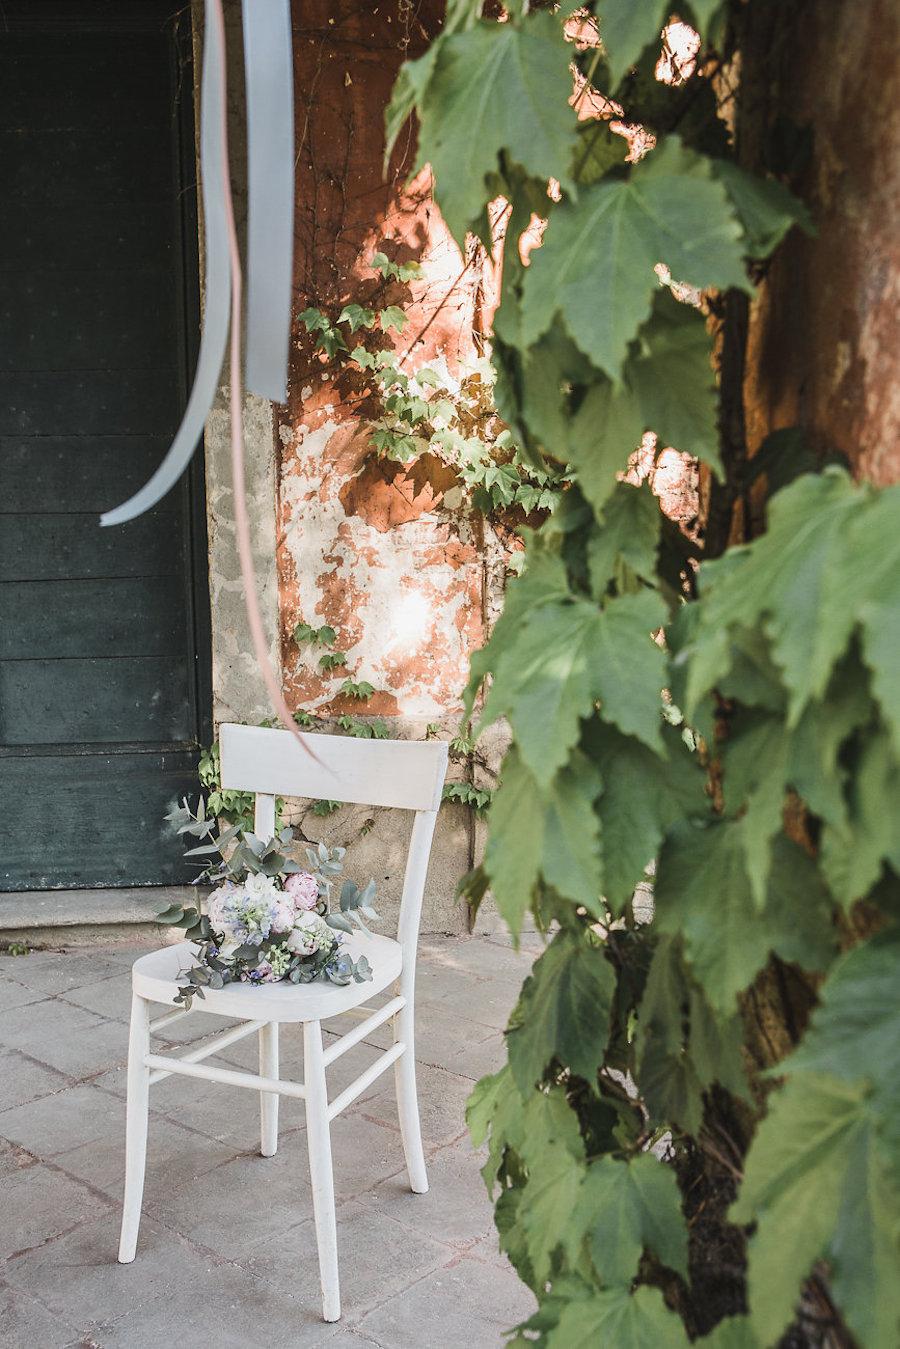 matrimonio-rose-quartz-e-serenity-di-luce-e-dombra-studio-fotografico-22